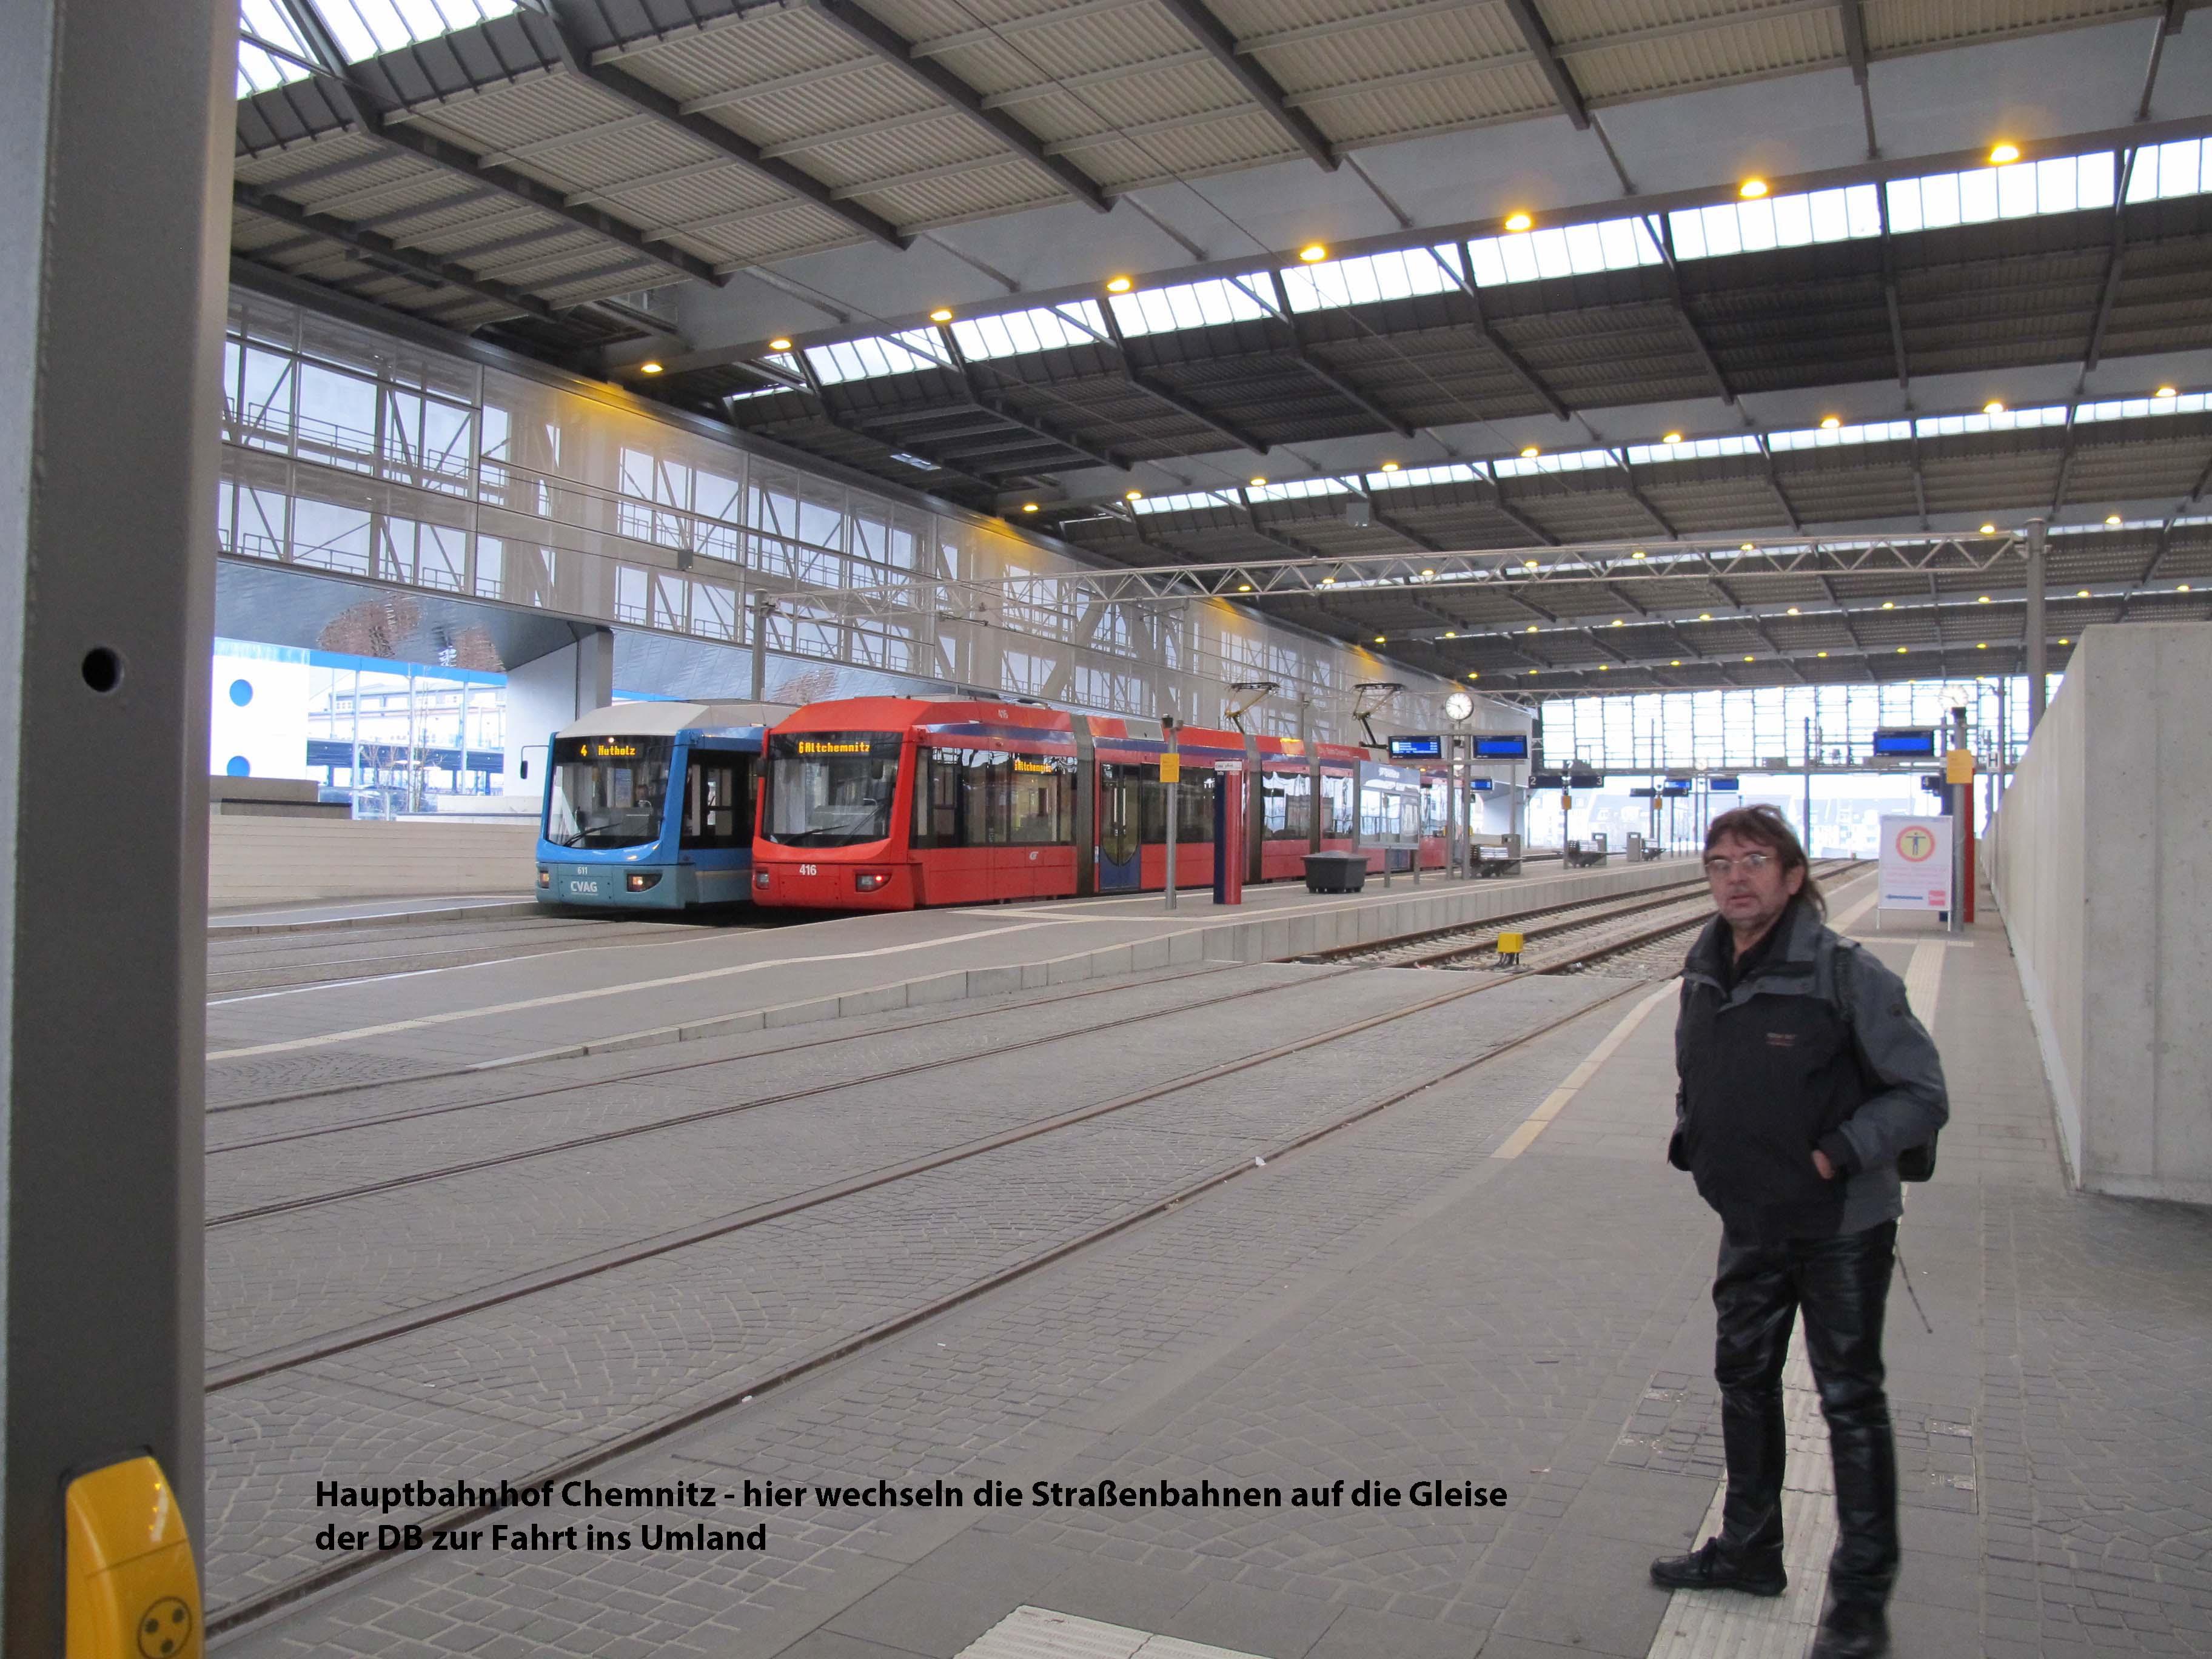 7 Hbf Chemnitz-Tram